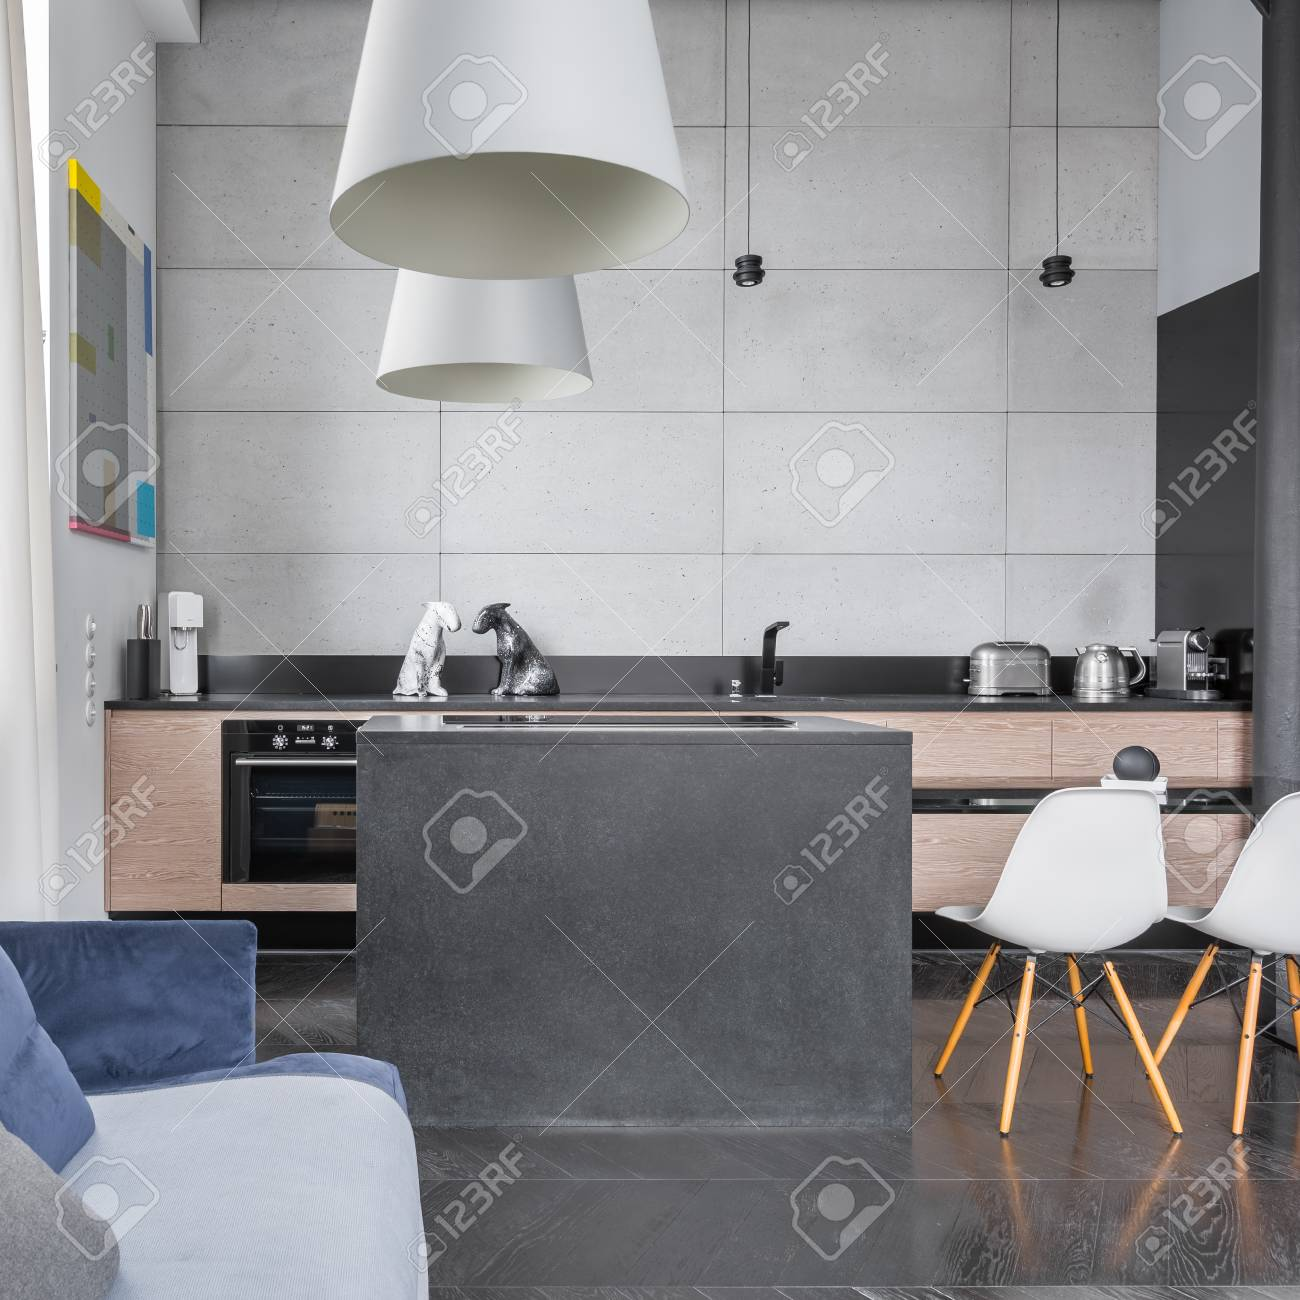 Full Size of Moderne Küchenfliesen Wand Grosse Fliesen Kuche Caseconradcom Wandregal Bad Wandfliesen Wanddeko Küche Wandspiegel Schlafzimmer Wandtattoo Nischenrückwand Wohnzimmer Moderne Küchenfliesen Wand